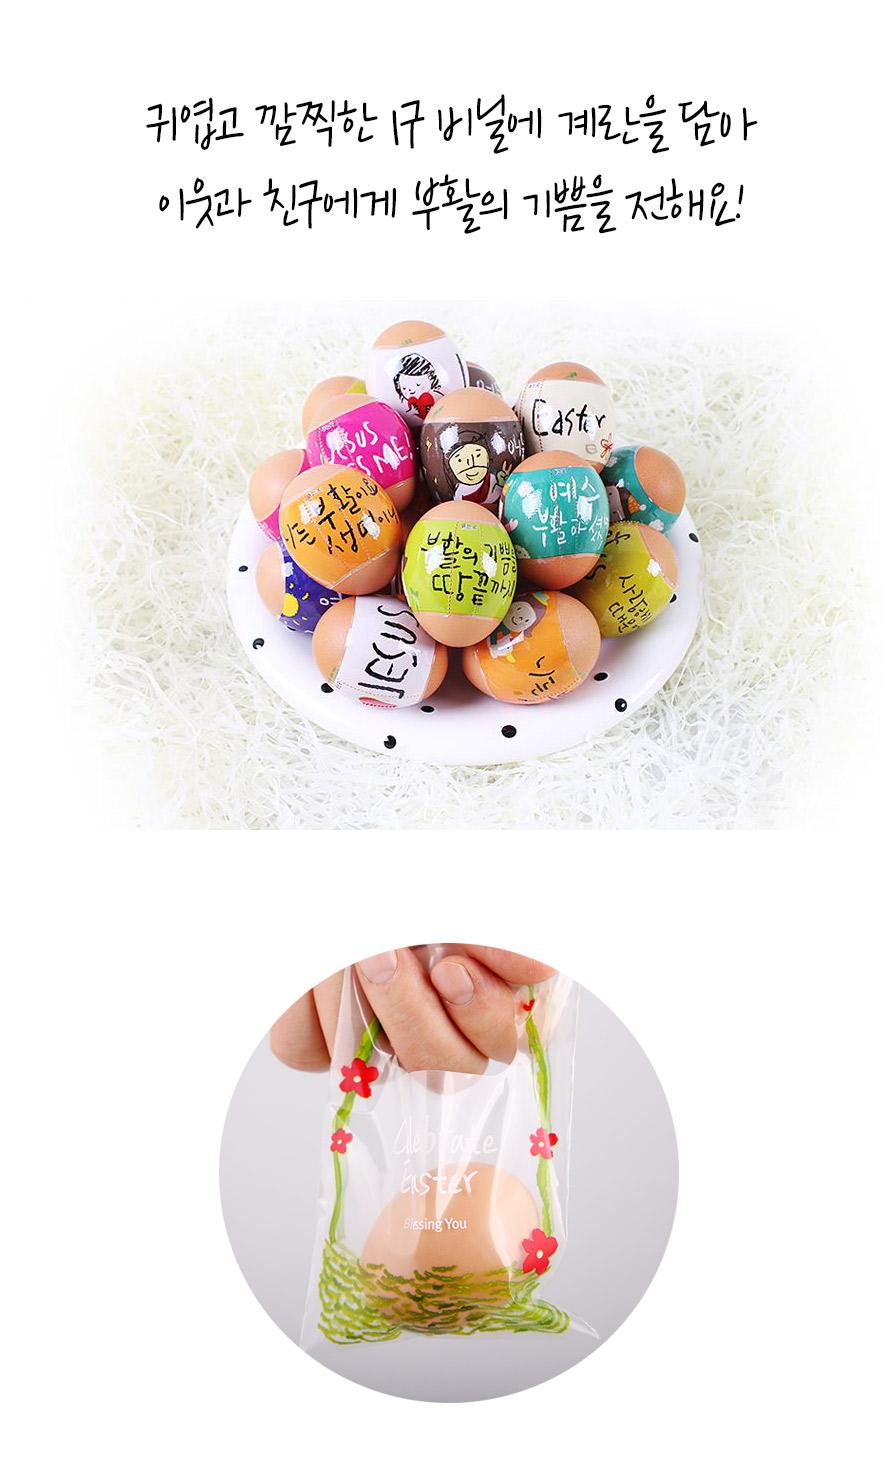 부활절 교회선물 포장재 1구 손잡이비닐에 계란을 담아 부활의 기쁨을 전해요